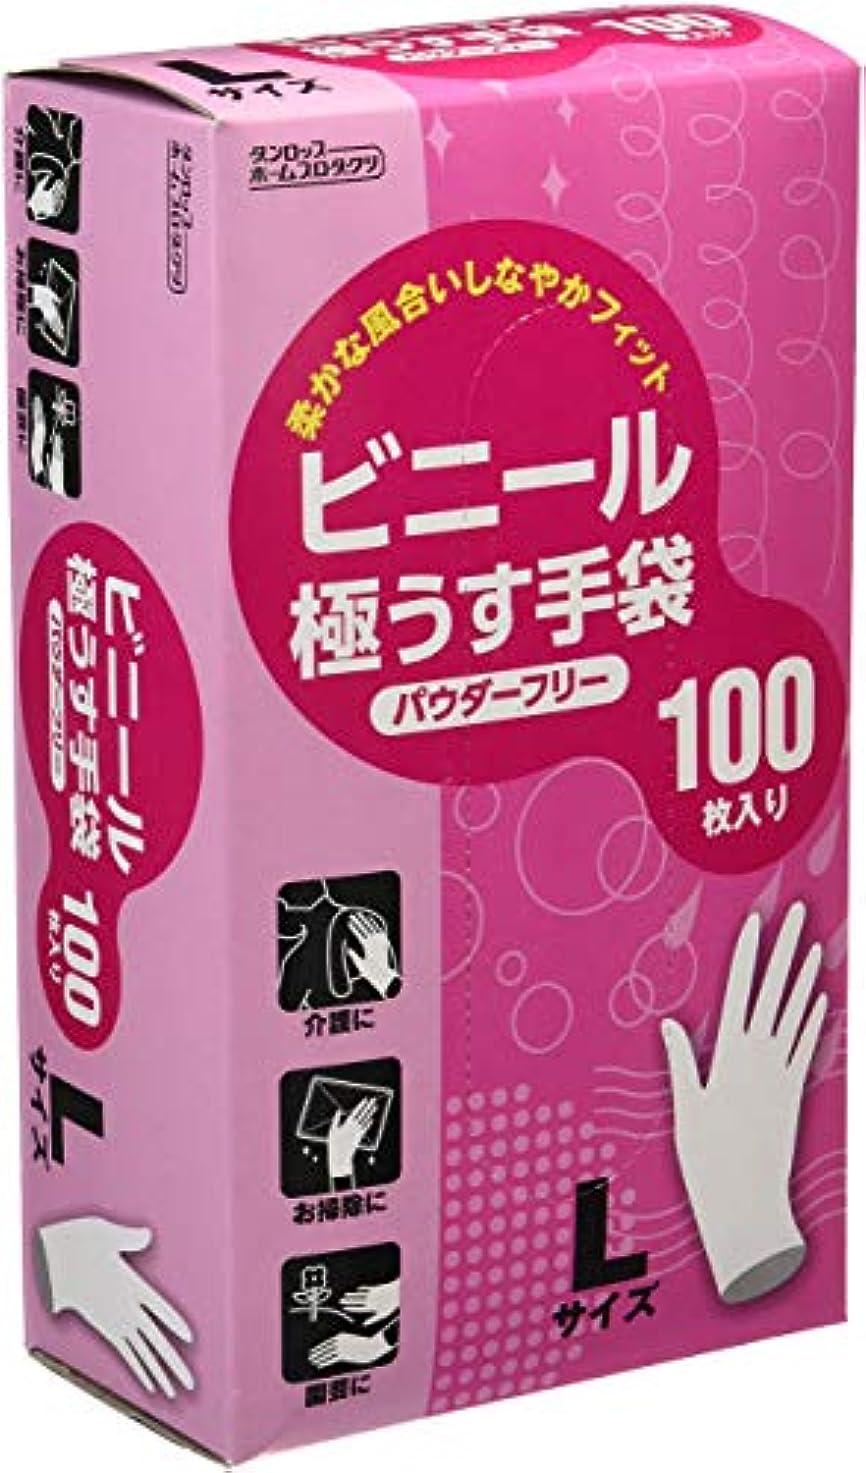 種スペースプロテスタントビニール極うす手袋 Lサイズ パウダーフリー 100枚入 ×20個